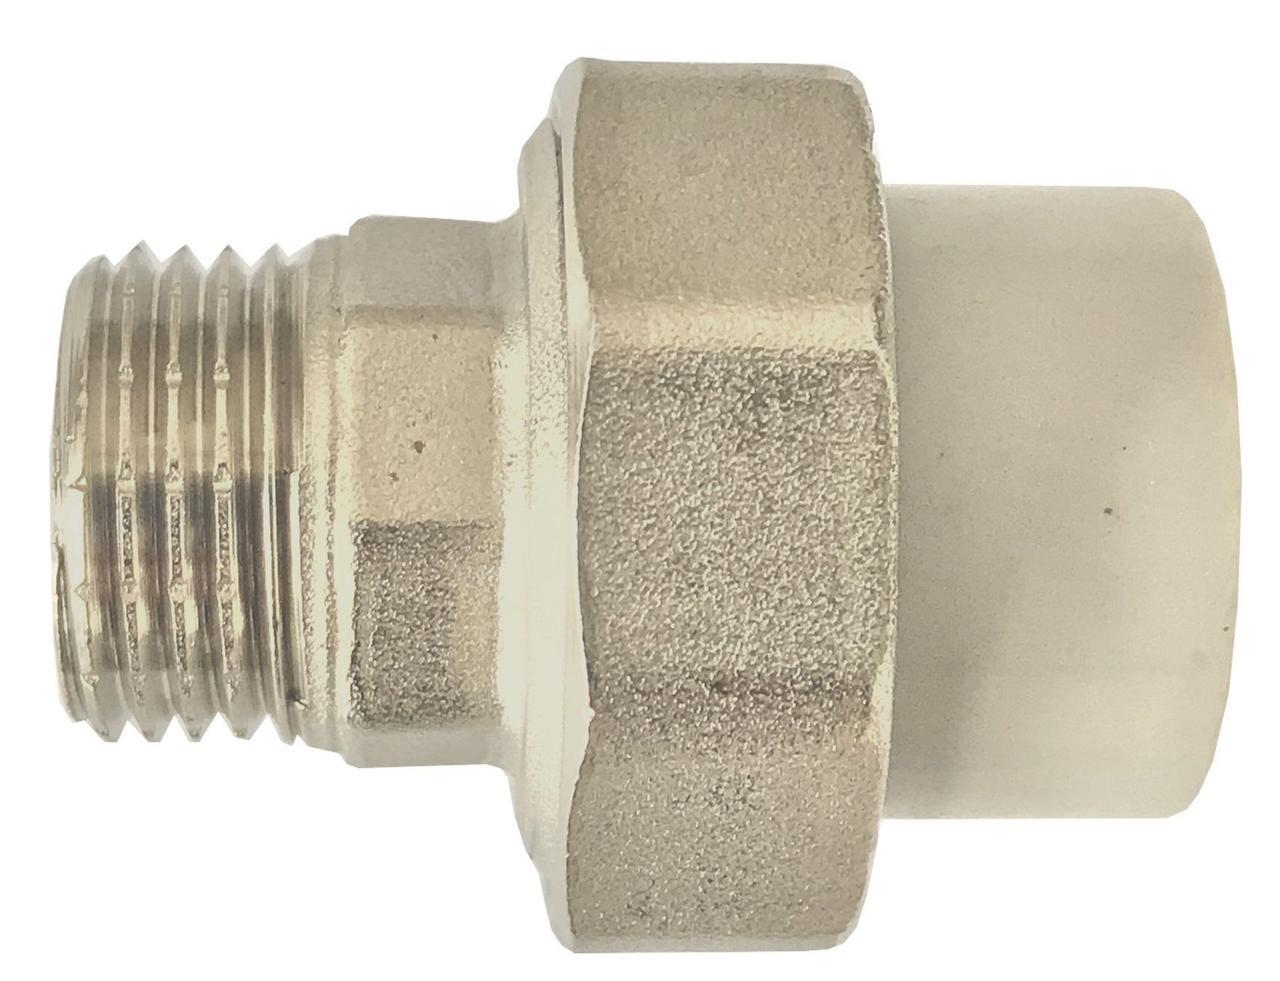 13002 Муфта Kalde 25 мм на 3/4' ECO разборная с наружной резьбой